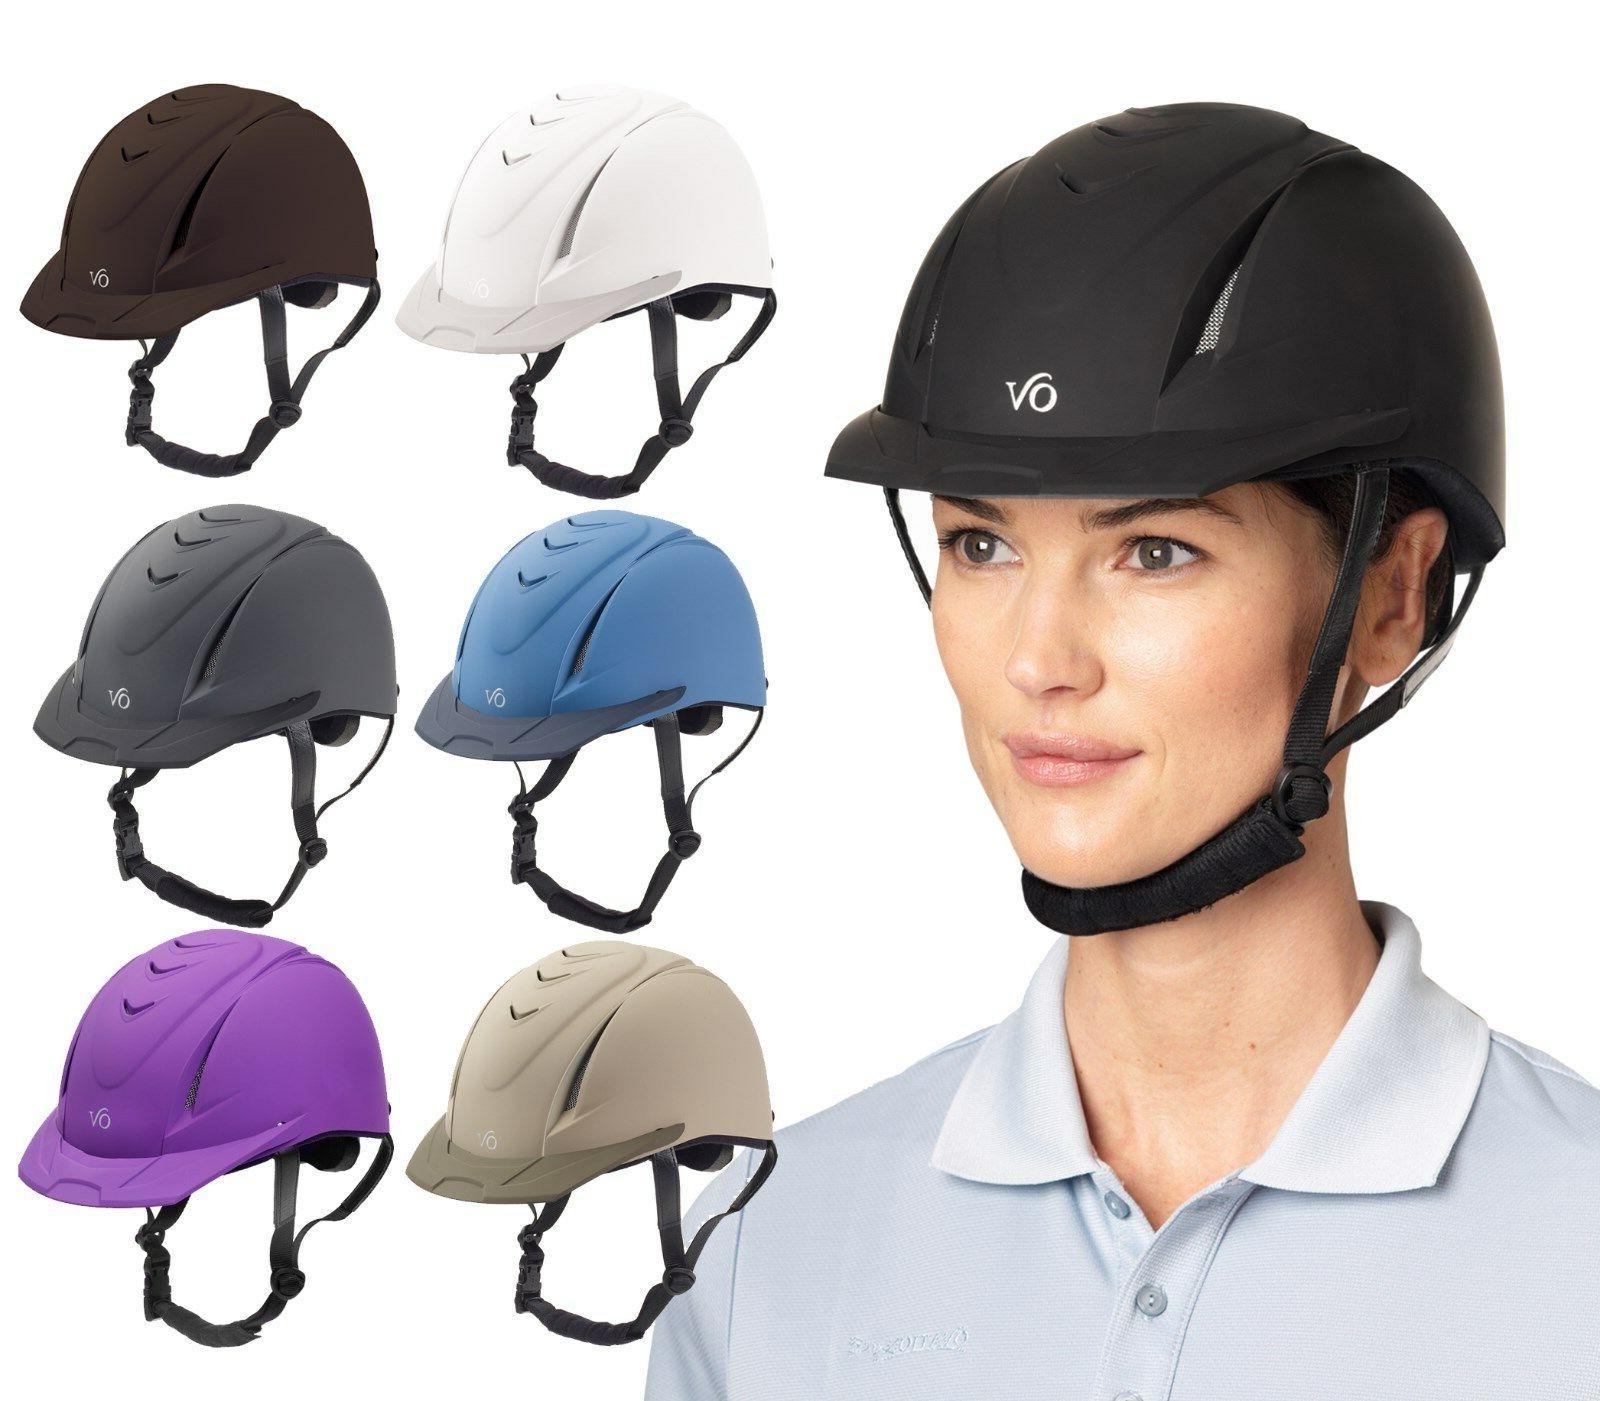 deluxe schooler helmet various sizes and colors